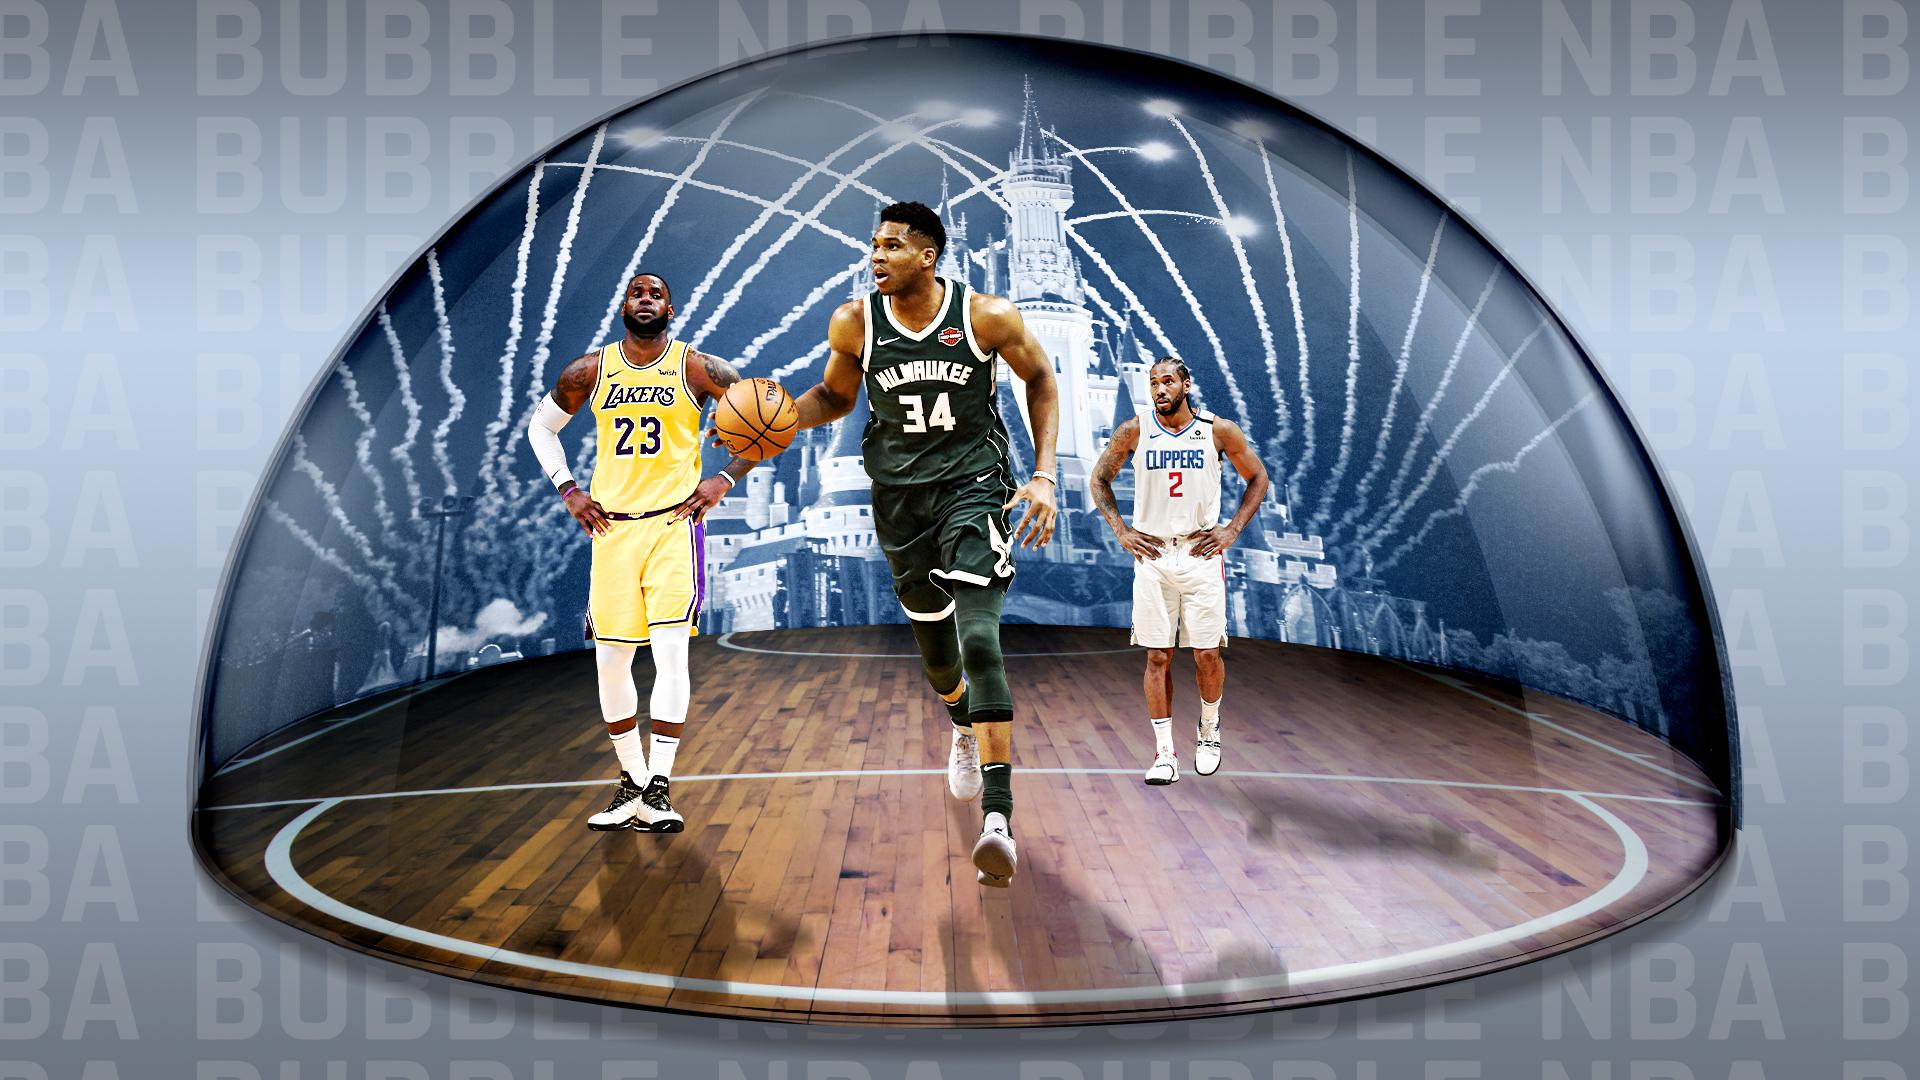 NBA-bubble-072820-Getty-FTR